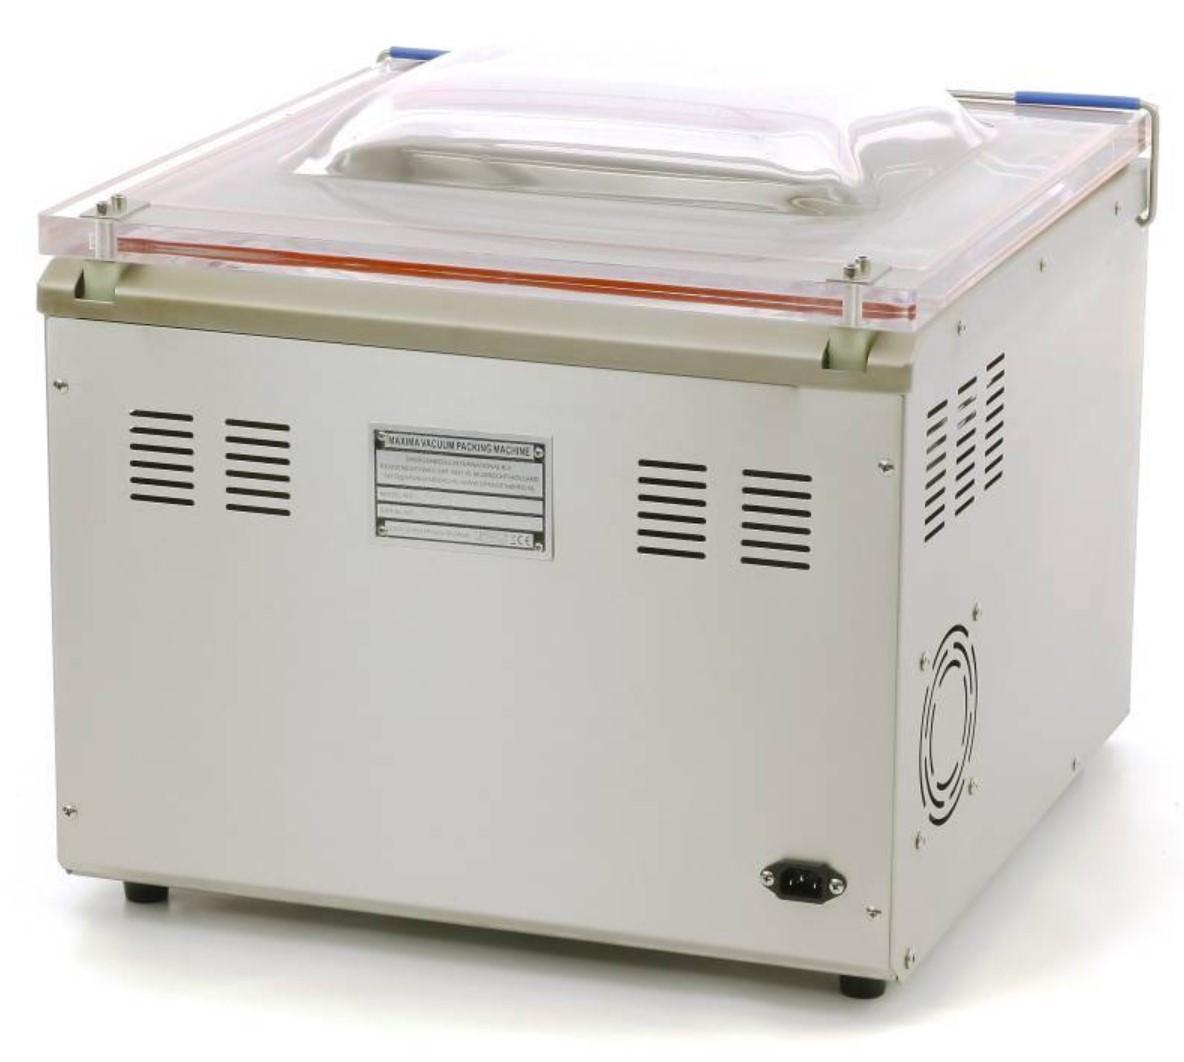 epaggelmatiki-mixanh-suskeuasias-vacuum-mvac-400-genikoemporio-zagorianos-4